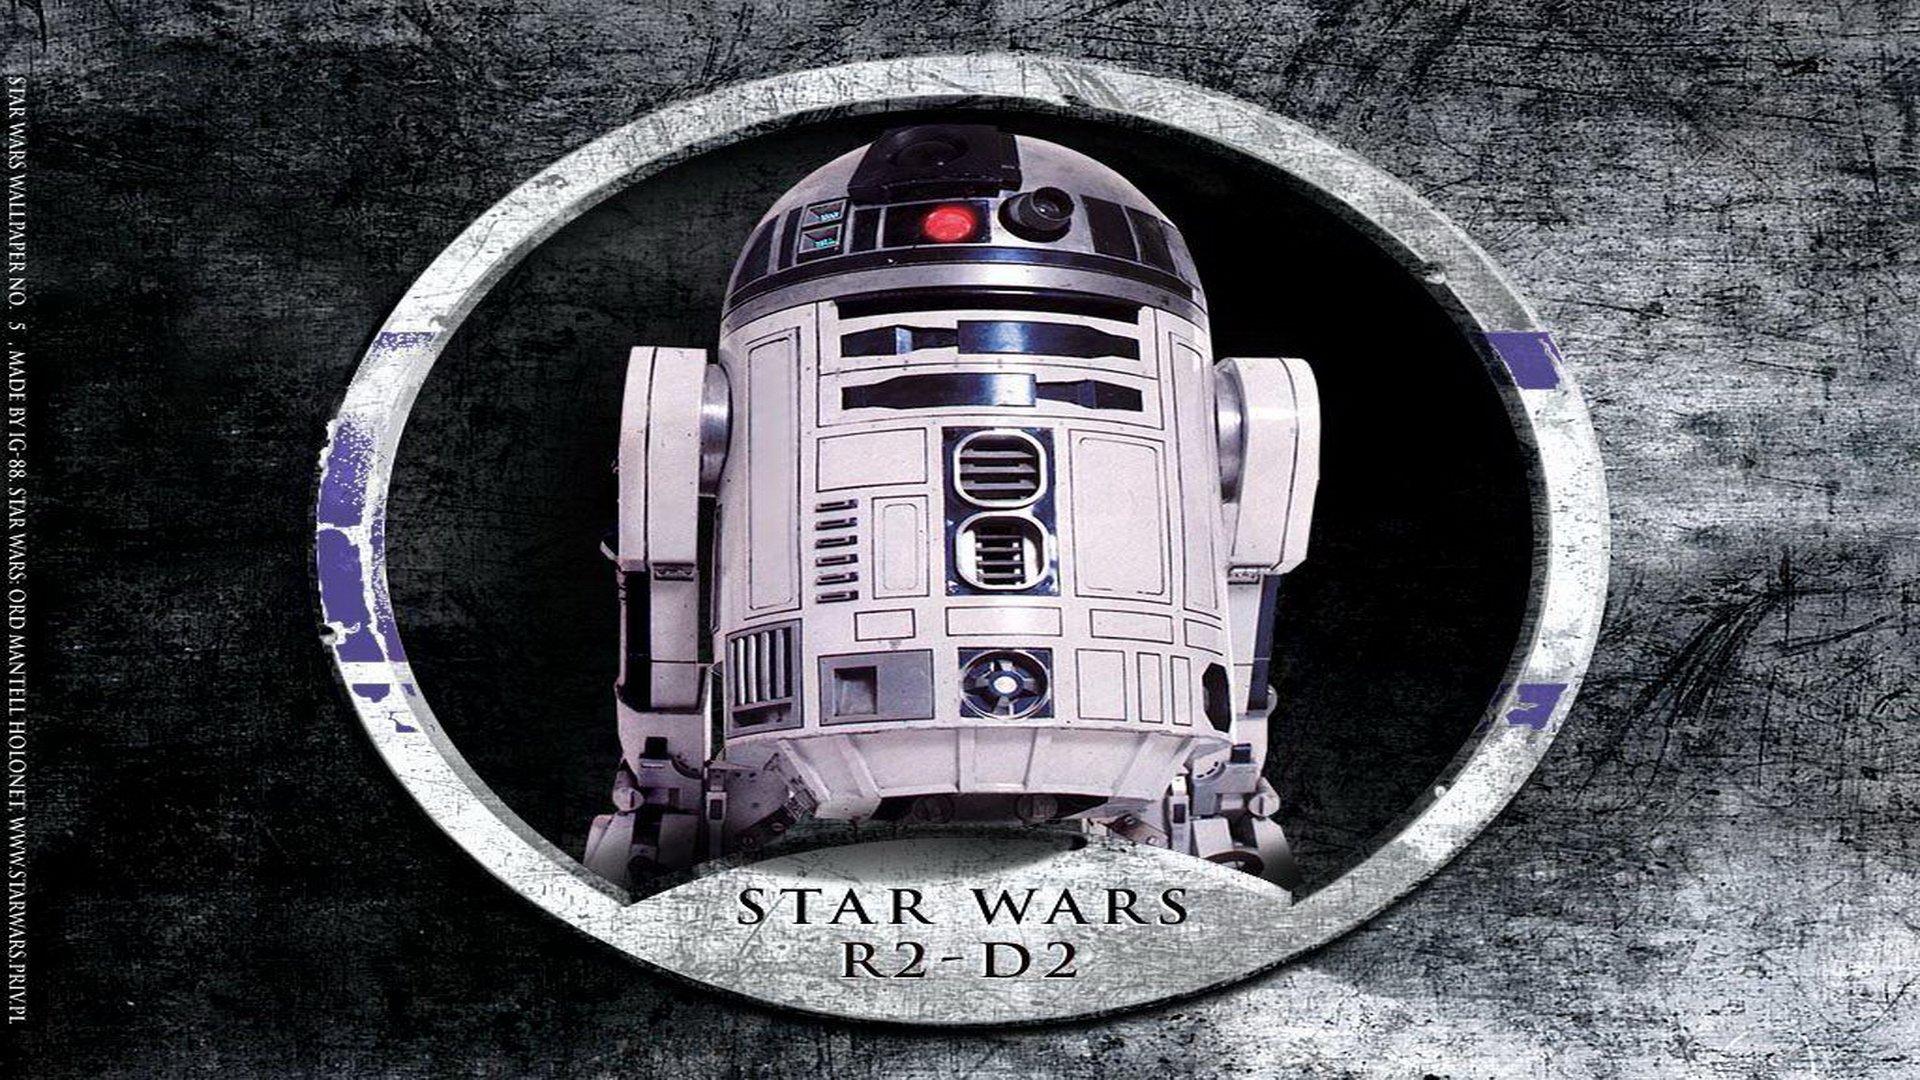 R2d2 wallpaper ipad